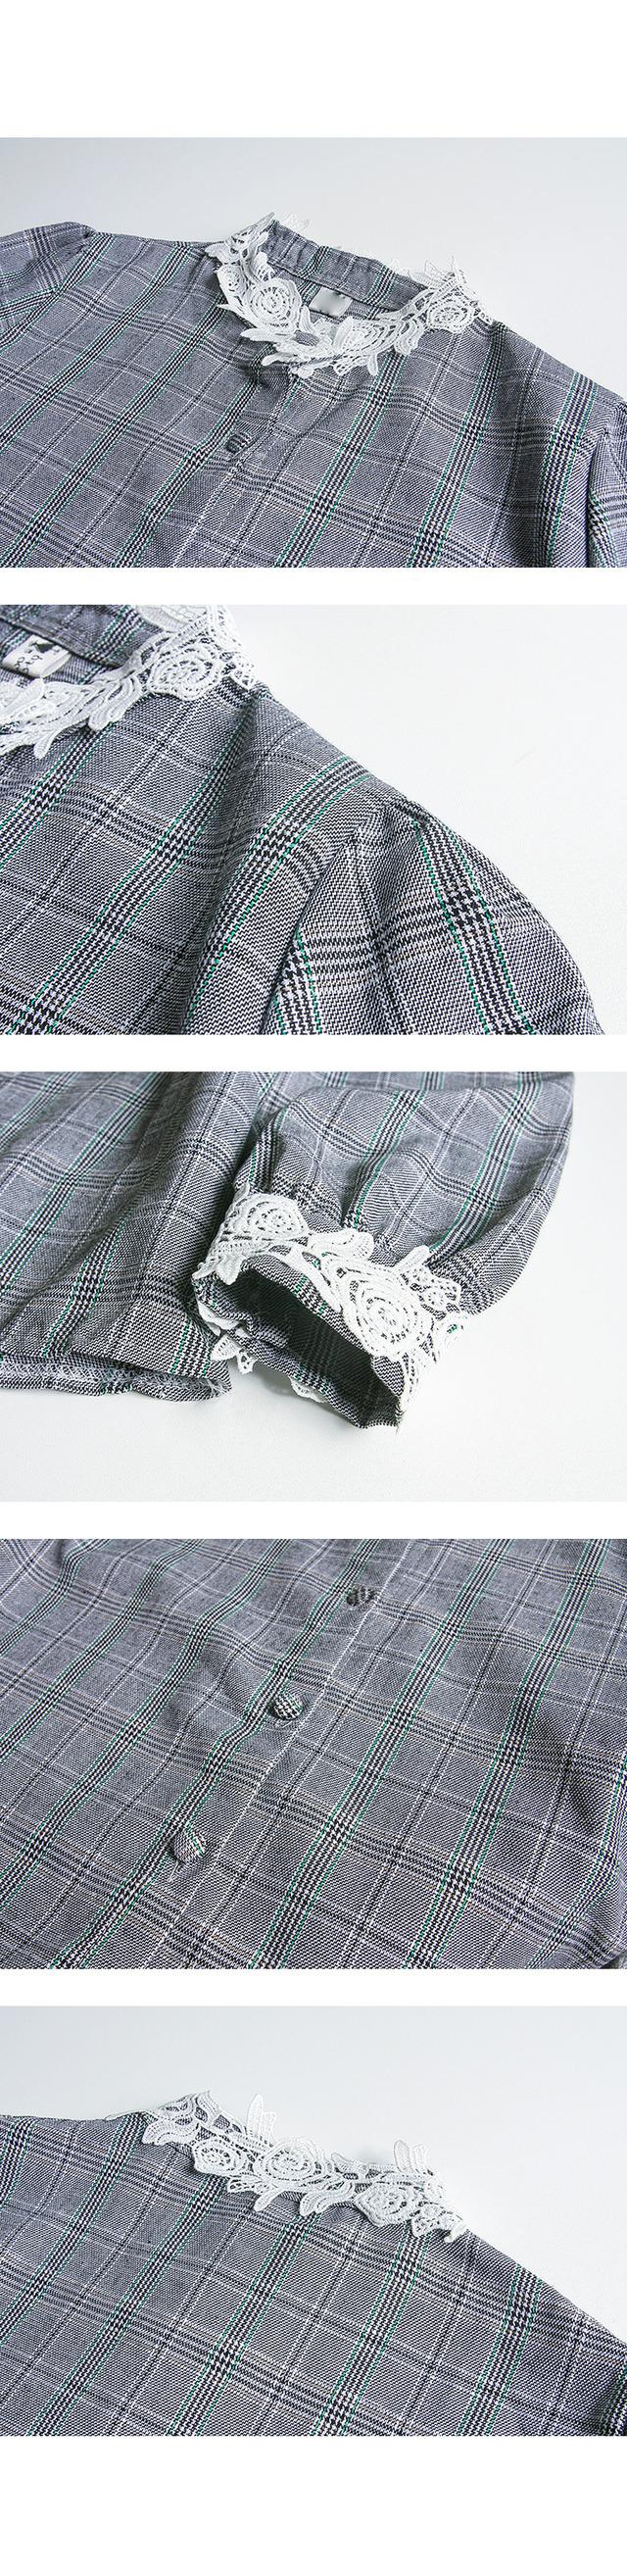 Antique Lace Collar Check Blouse